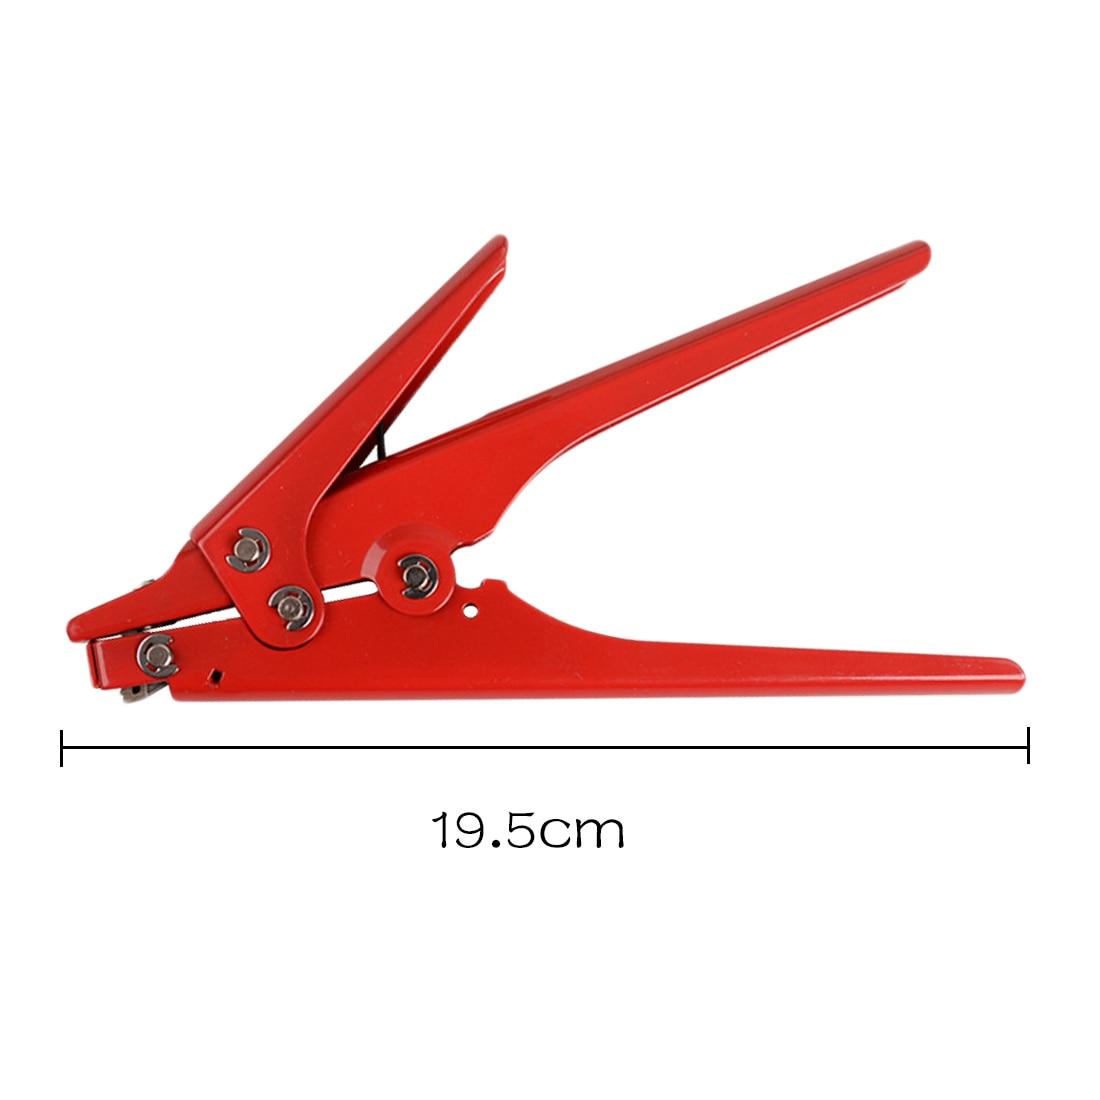 Intelligent Heavy Duty Kabel Zip Krawatten 2,4-9mm Automatische Spannung Cutoff Gun Werkzeug Hand Werkzeug Fortgeschrittene Technologie üBernehmen Zangen Handwerkzeuge